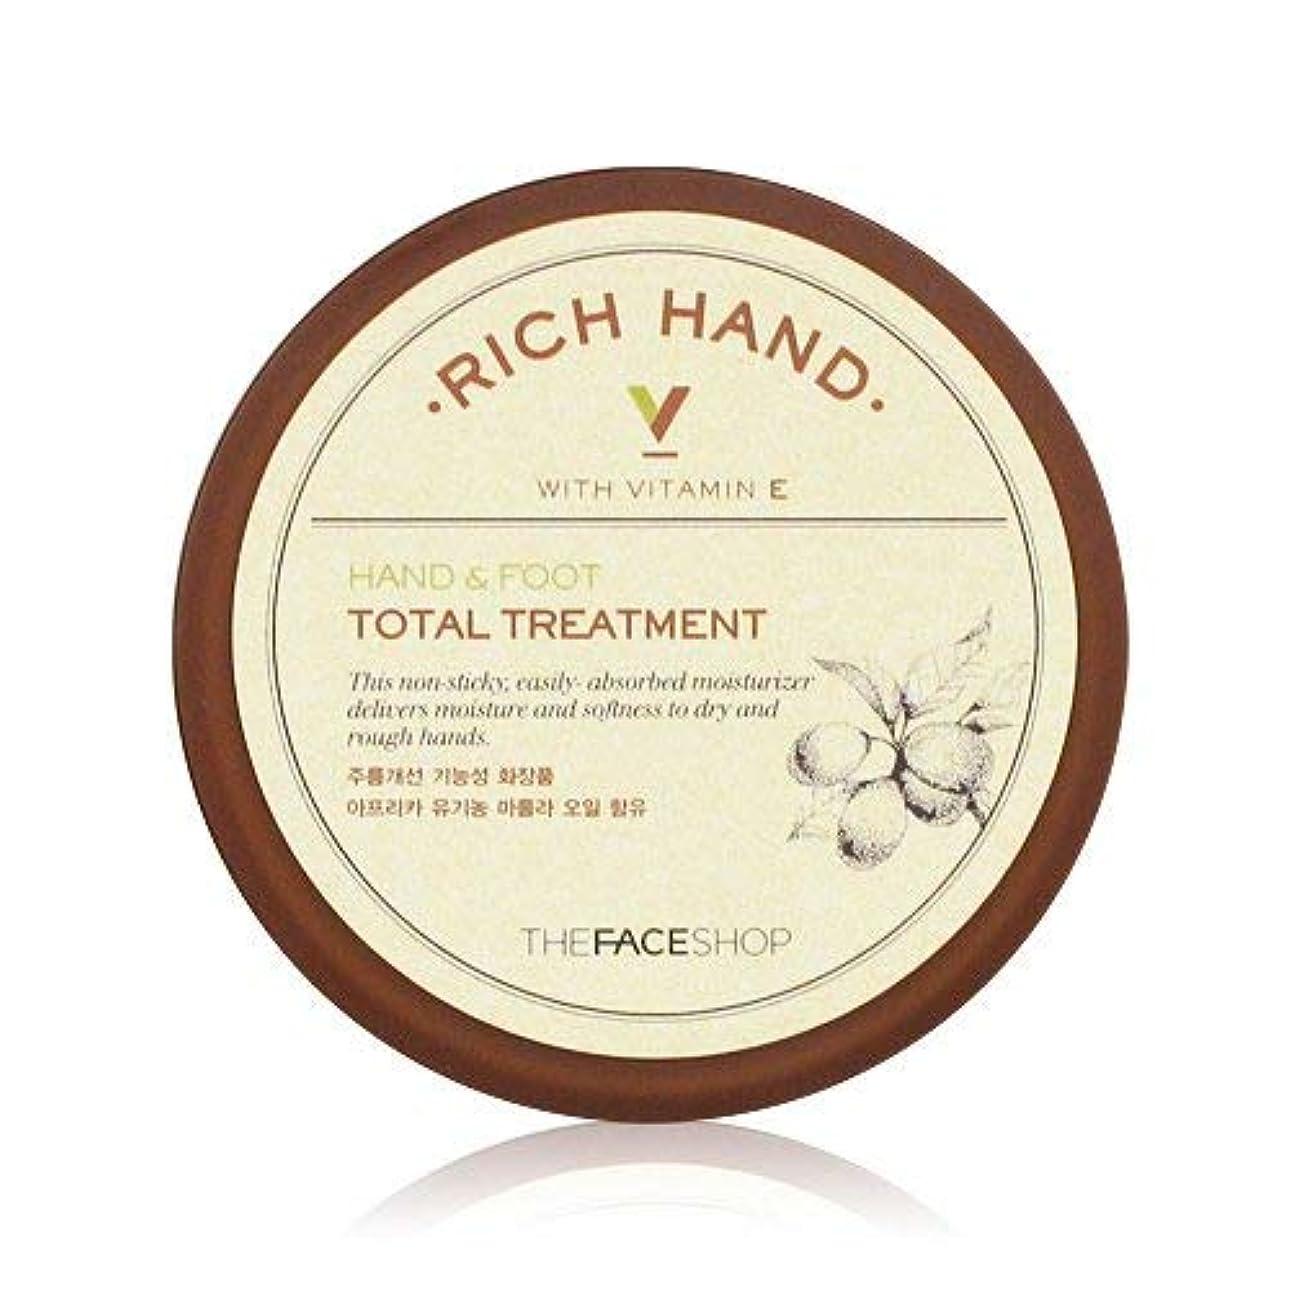 軽く溶けた木THE FACE SHOP Rich Hand V Hand and Foot Total Treatment ザフェイスショップ リッチハンド V ハンド? フット トータルトリートメント [並行輸入品]